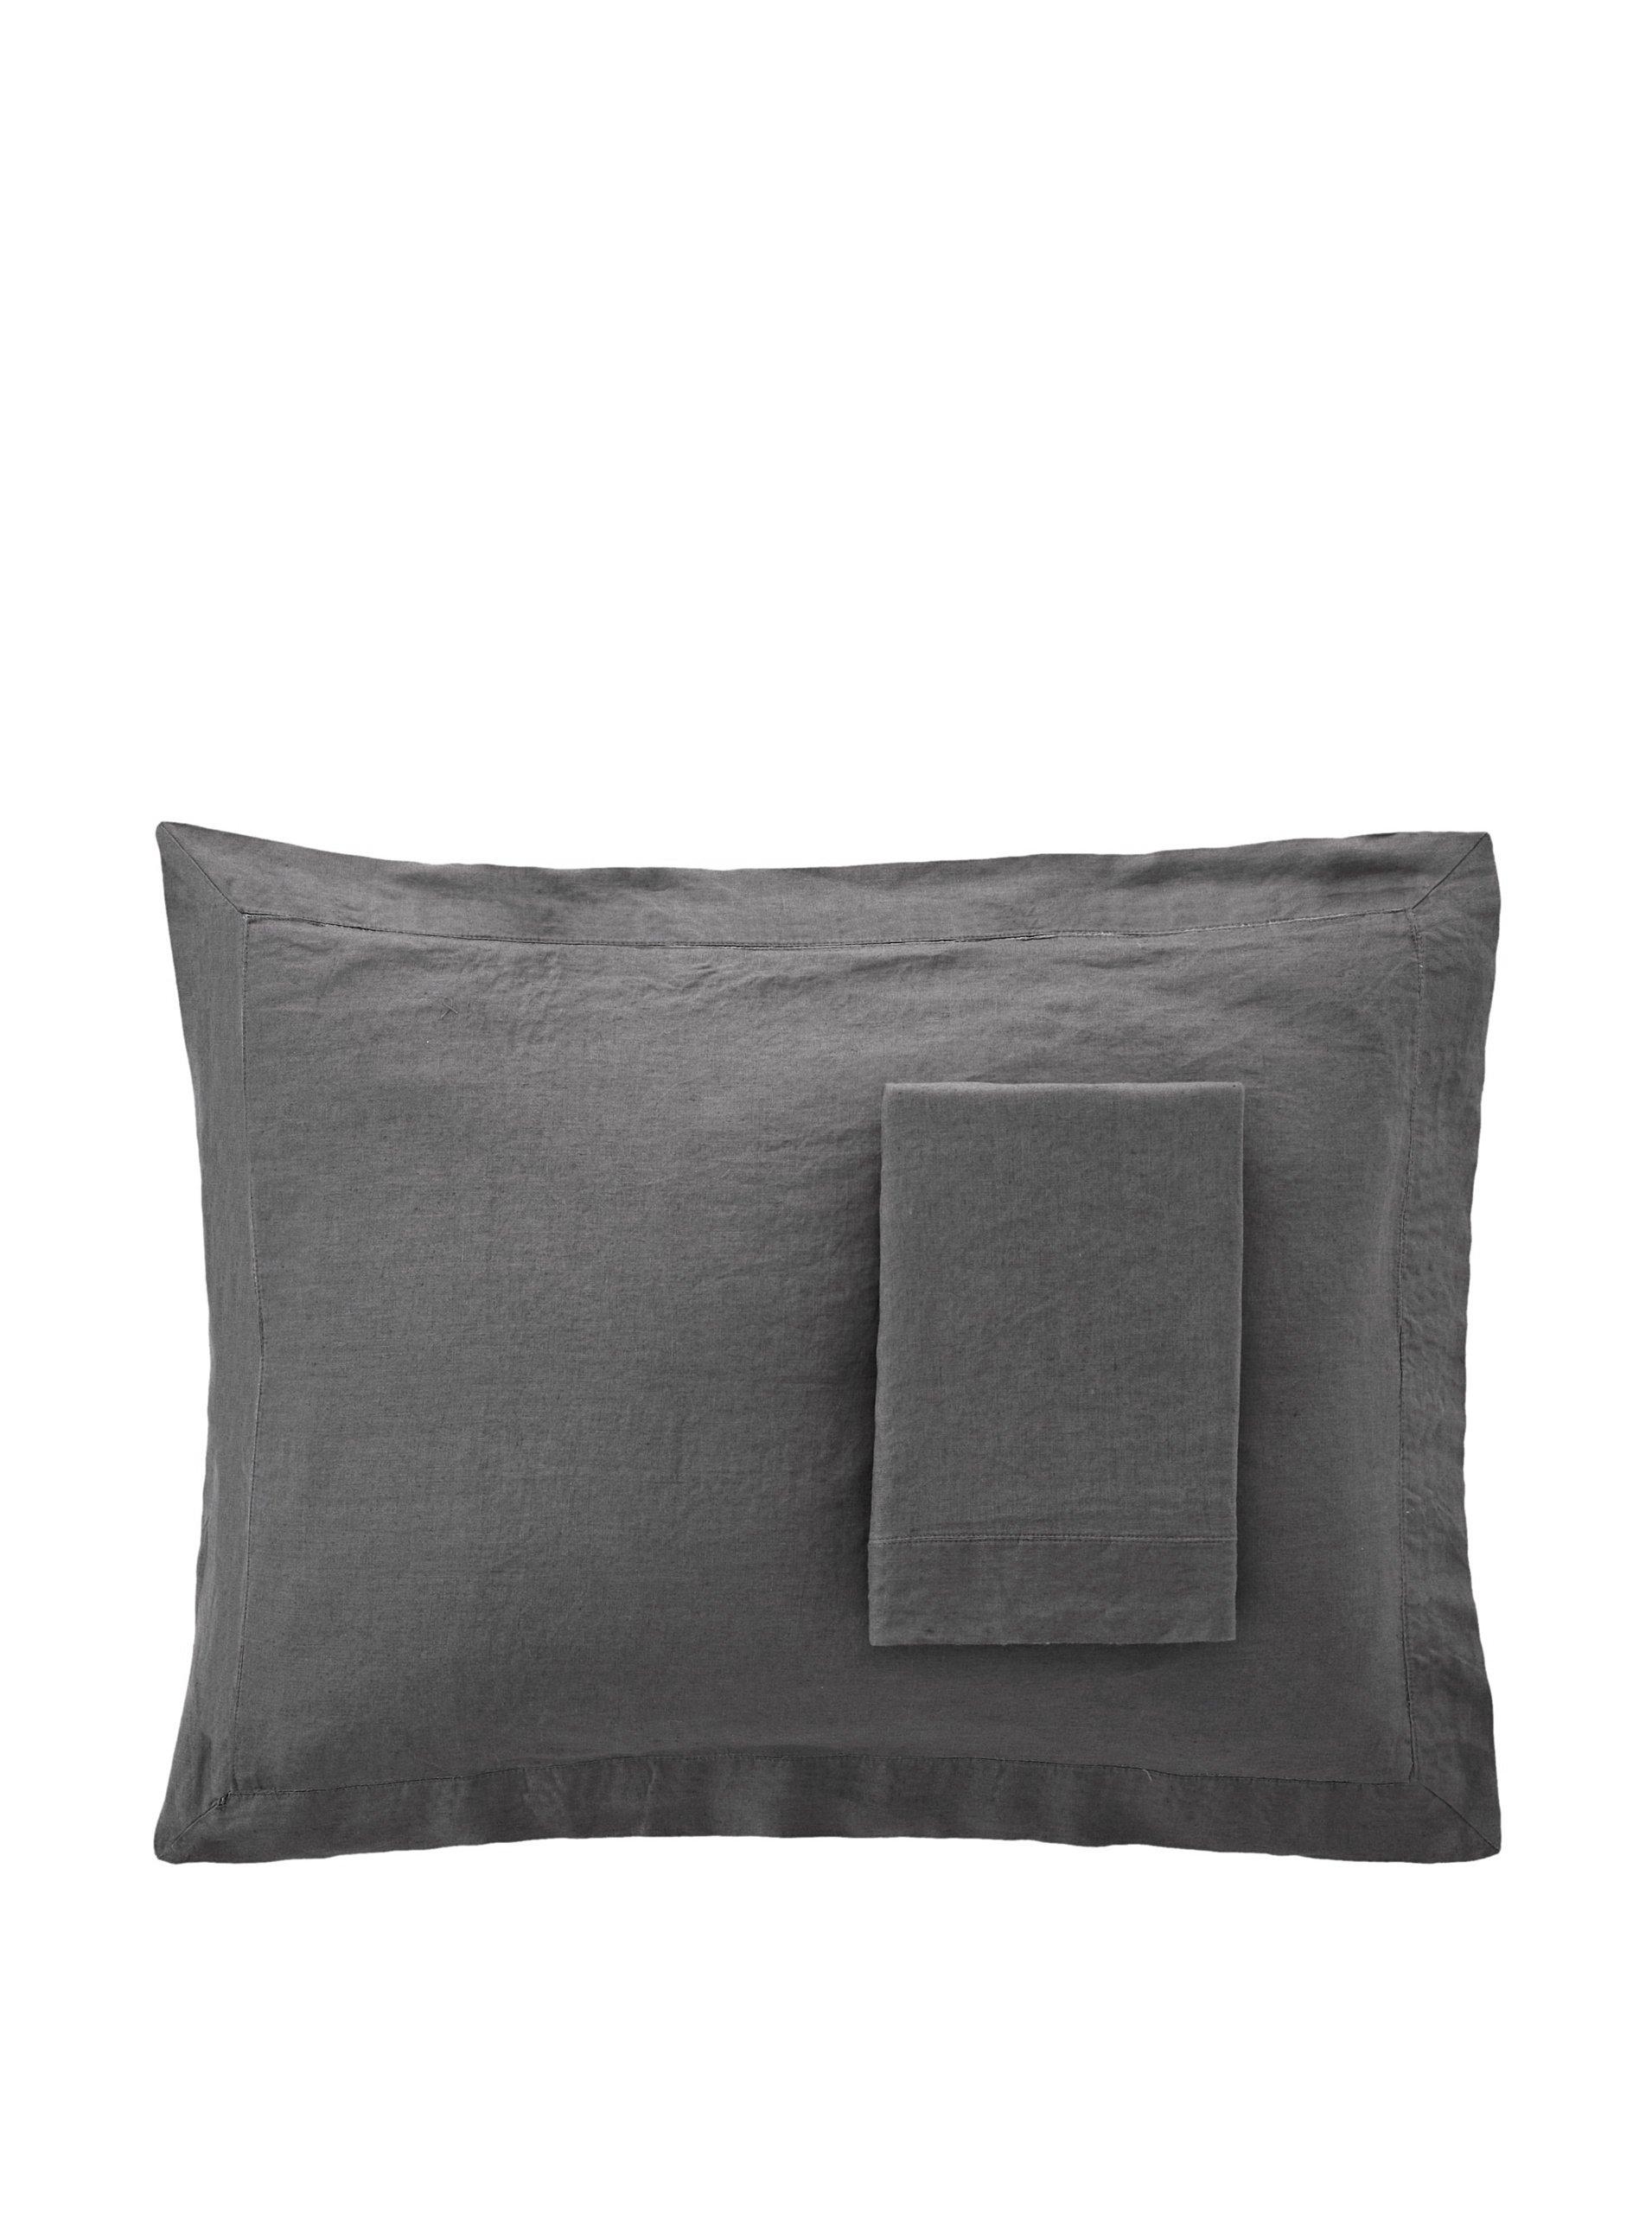 Melange Home 190966 Linen Standard Sham, Dark Grey